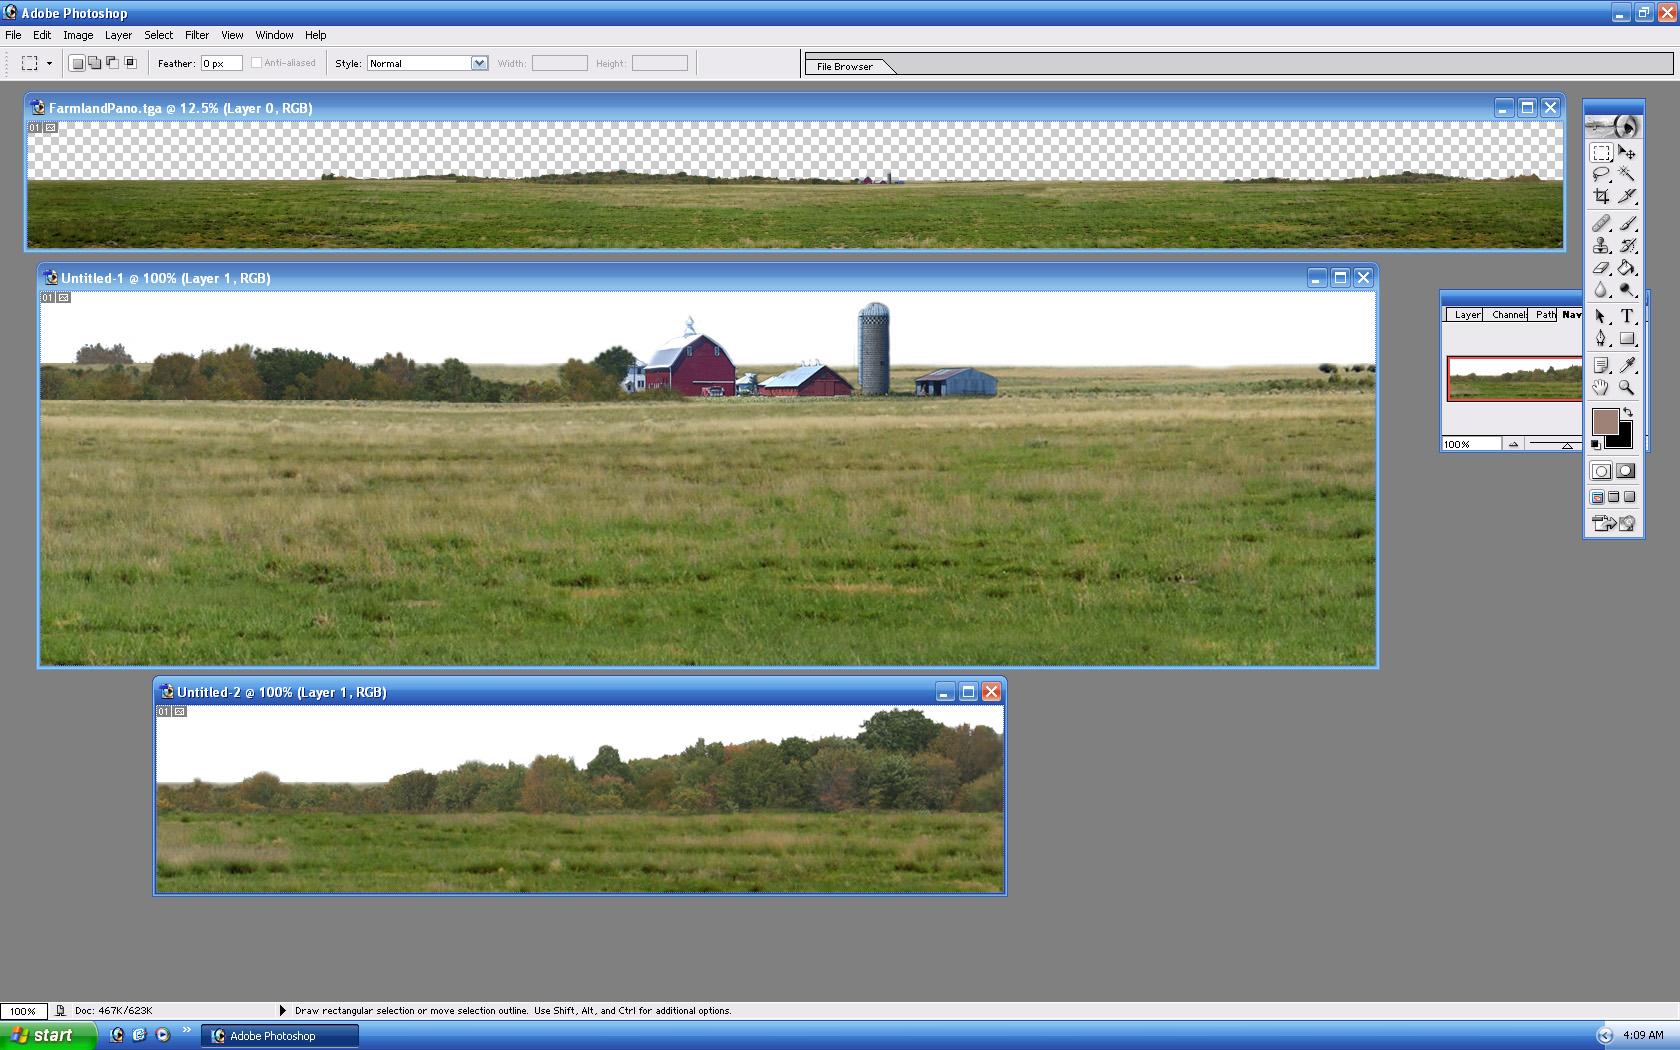 Picture of FarmlandPano - click to view original size